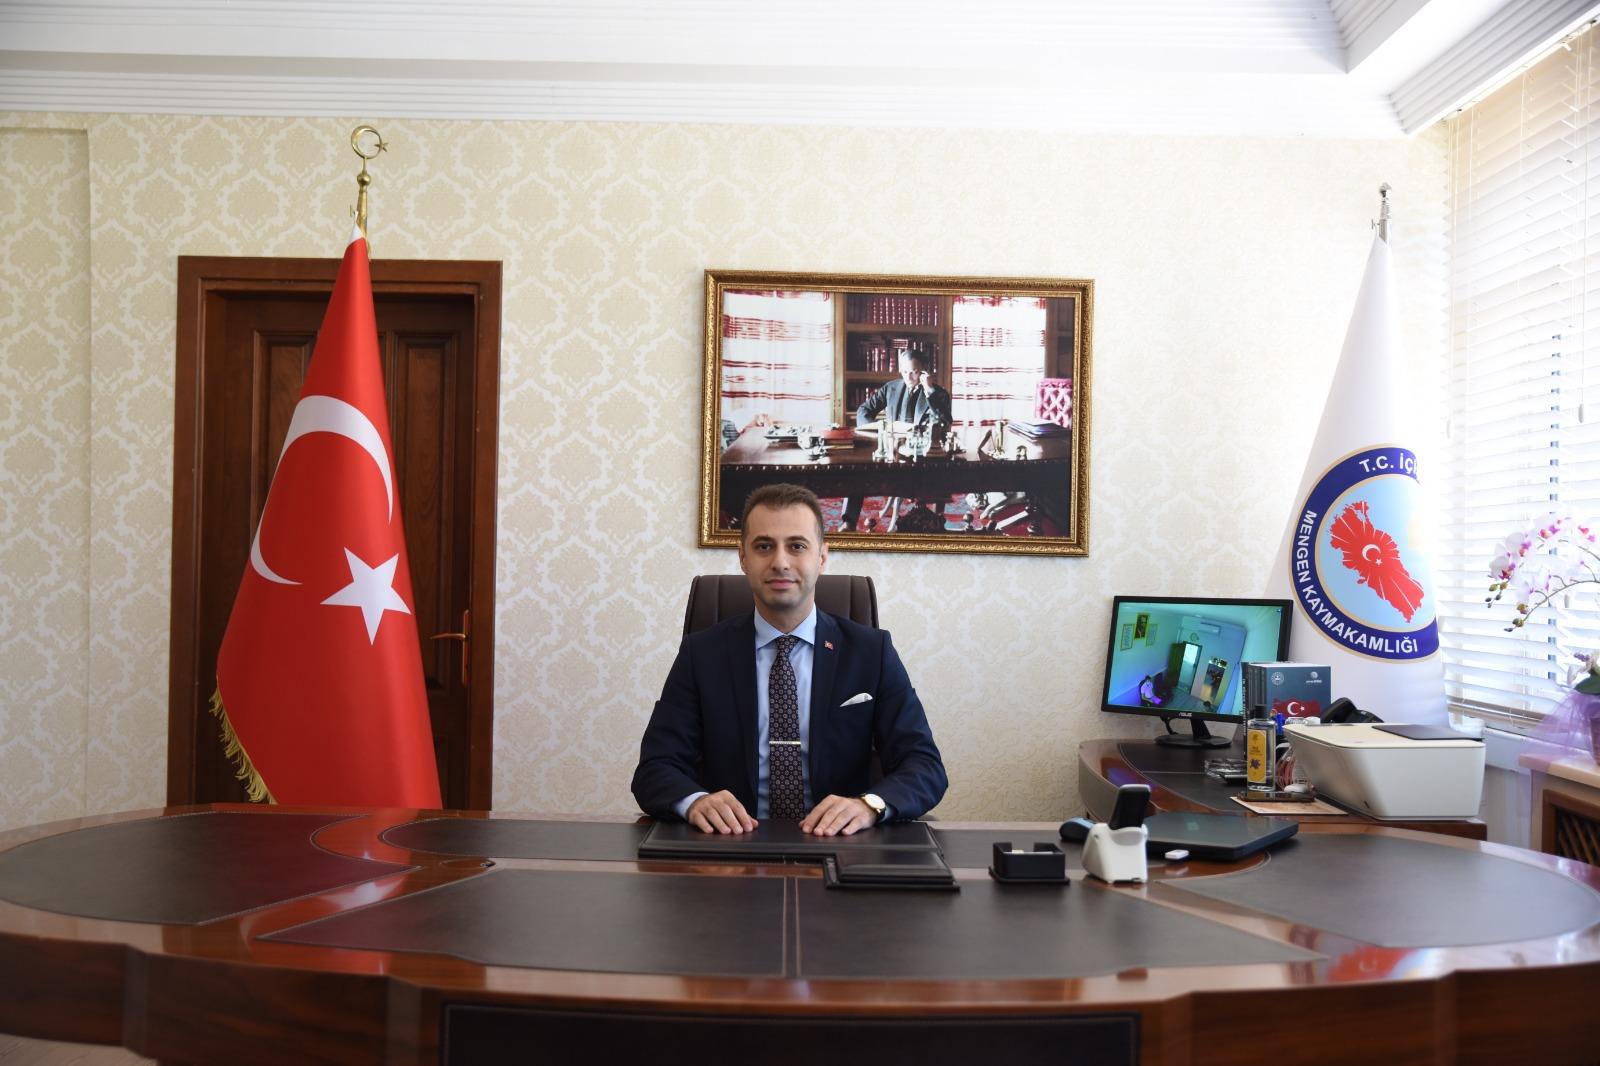 Mengen Kaymakamlığı'na atanan Ekrem Ender Ergün , görevine başladı.